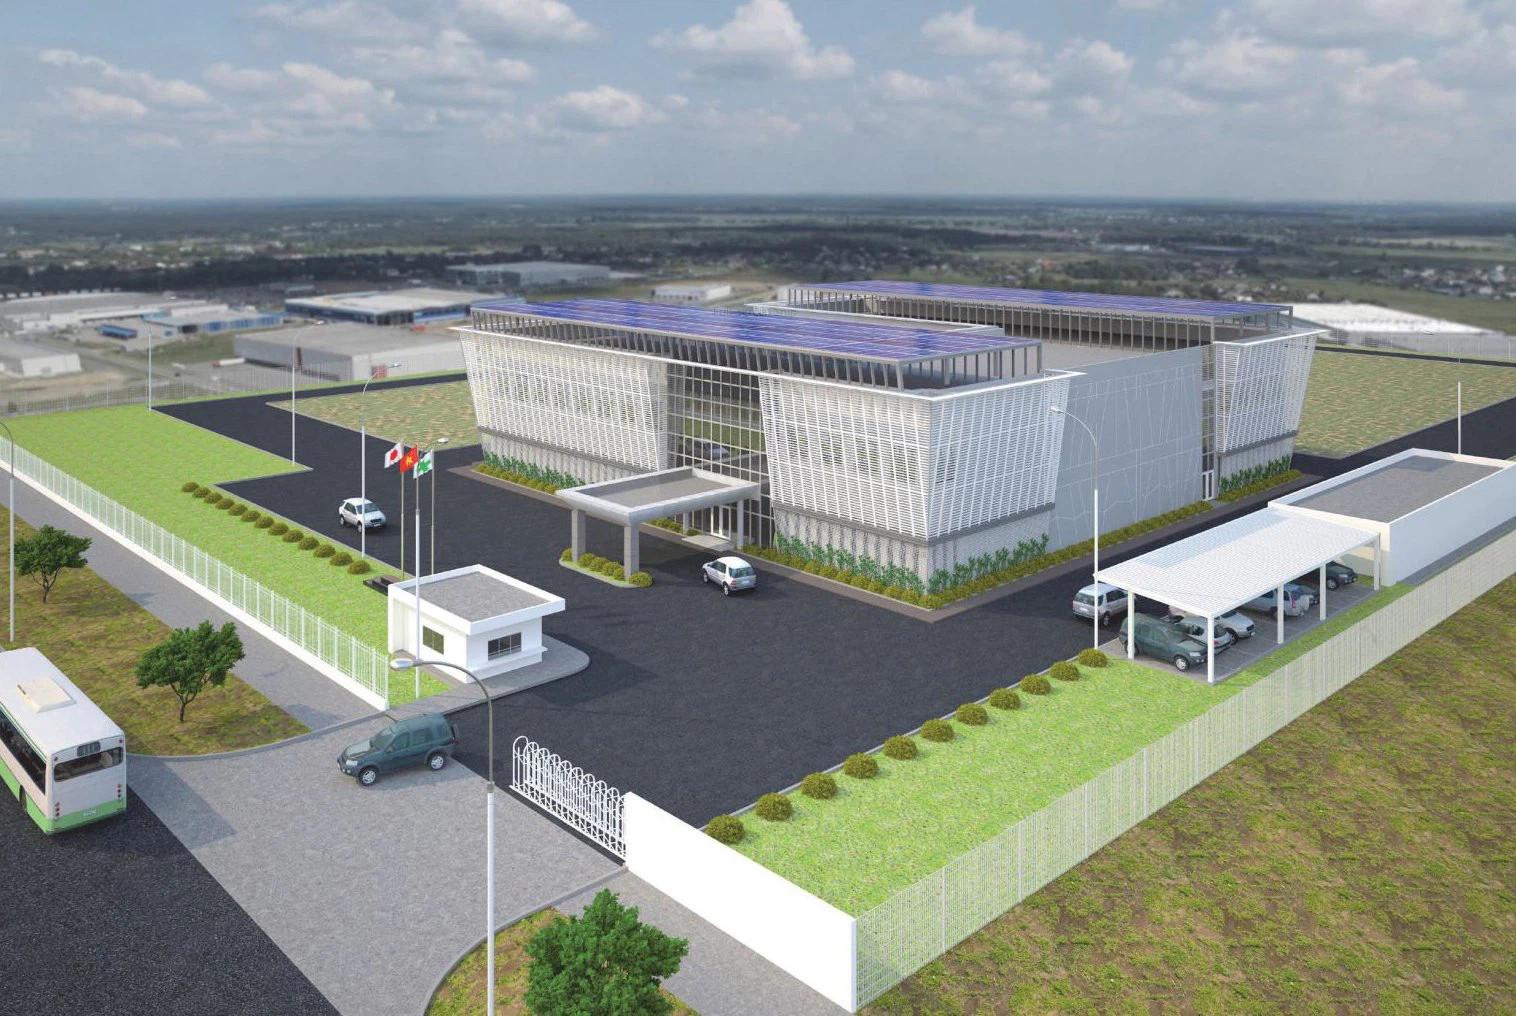 Đà Nẵng: Gần 285 triệu USD đầu tư vào lĩnh vực công nghệ cao - Ảnh 1.